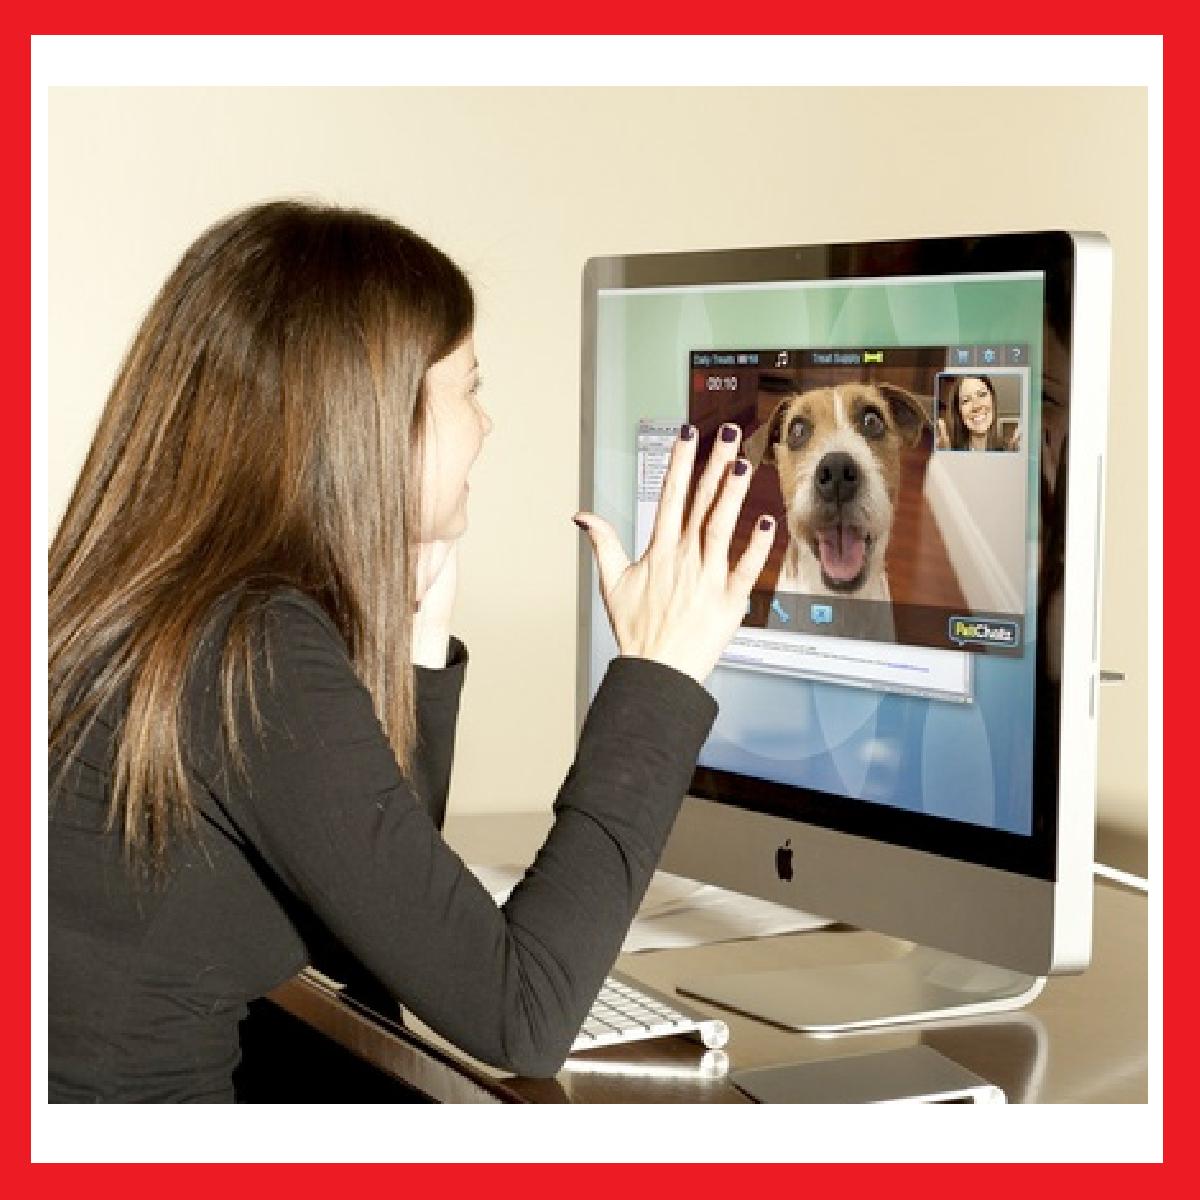 cadeaux 2 ouf id es de cadeaux insolites et originaux petchatz un vid o phone pour chien. Black Bedroom Furniture Sets. Home Design Ideas